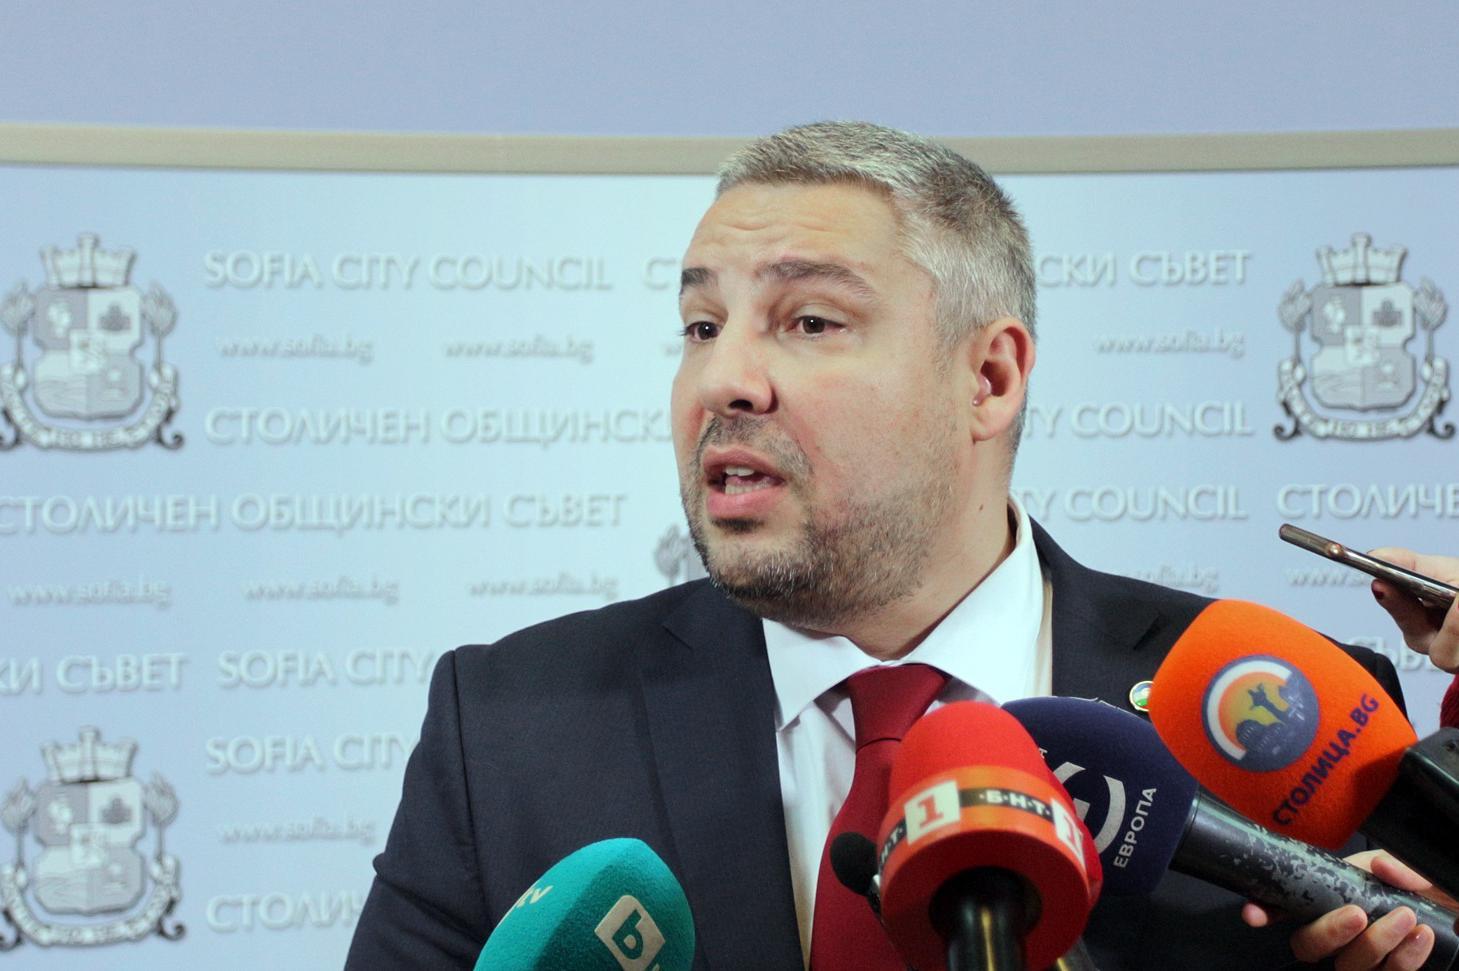 Методи Лалов пред СОС: През март 2020 сме внесли предложение за демонтиране